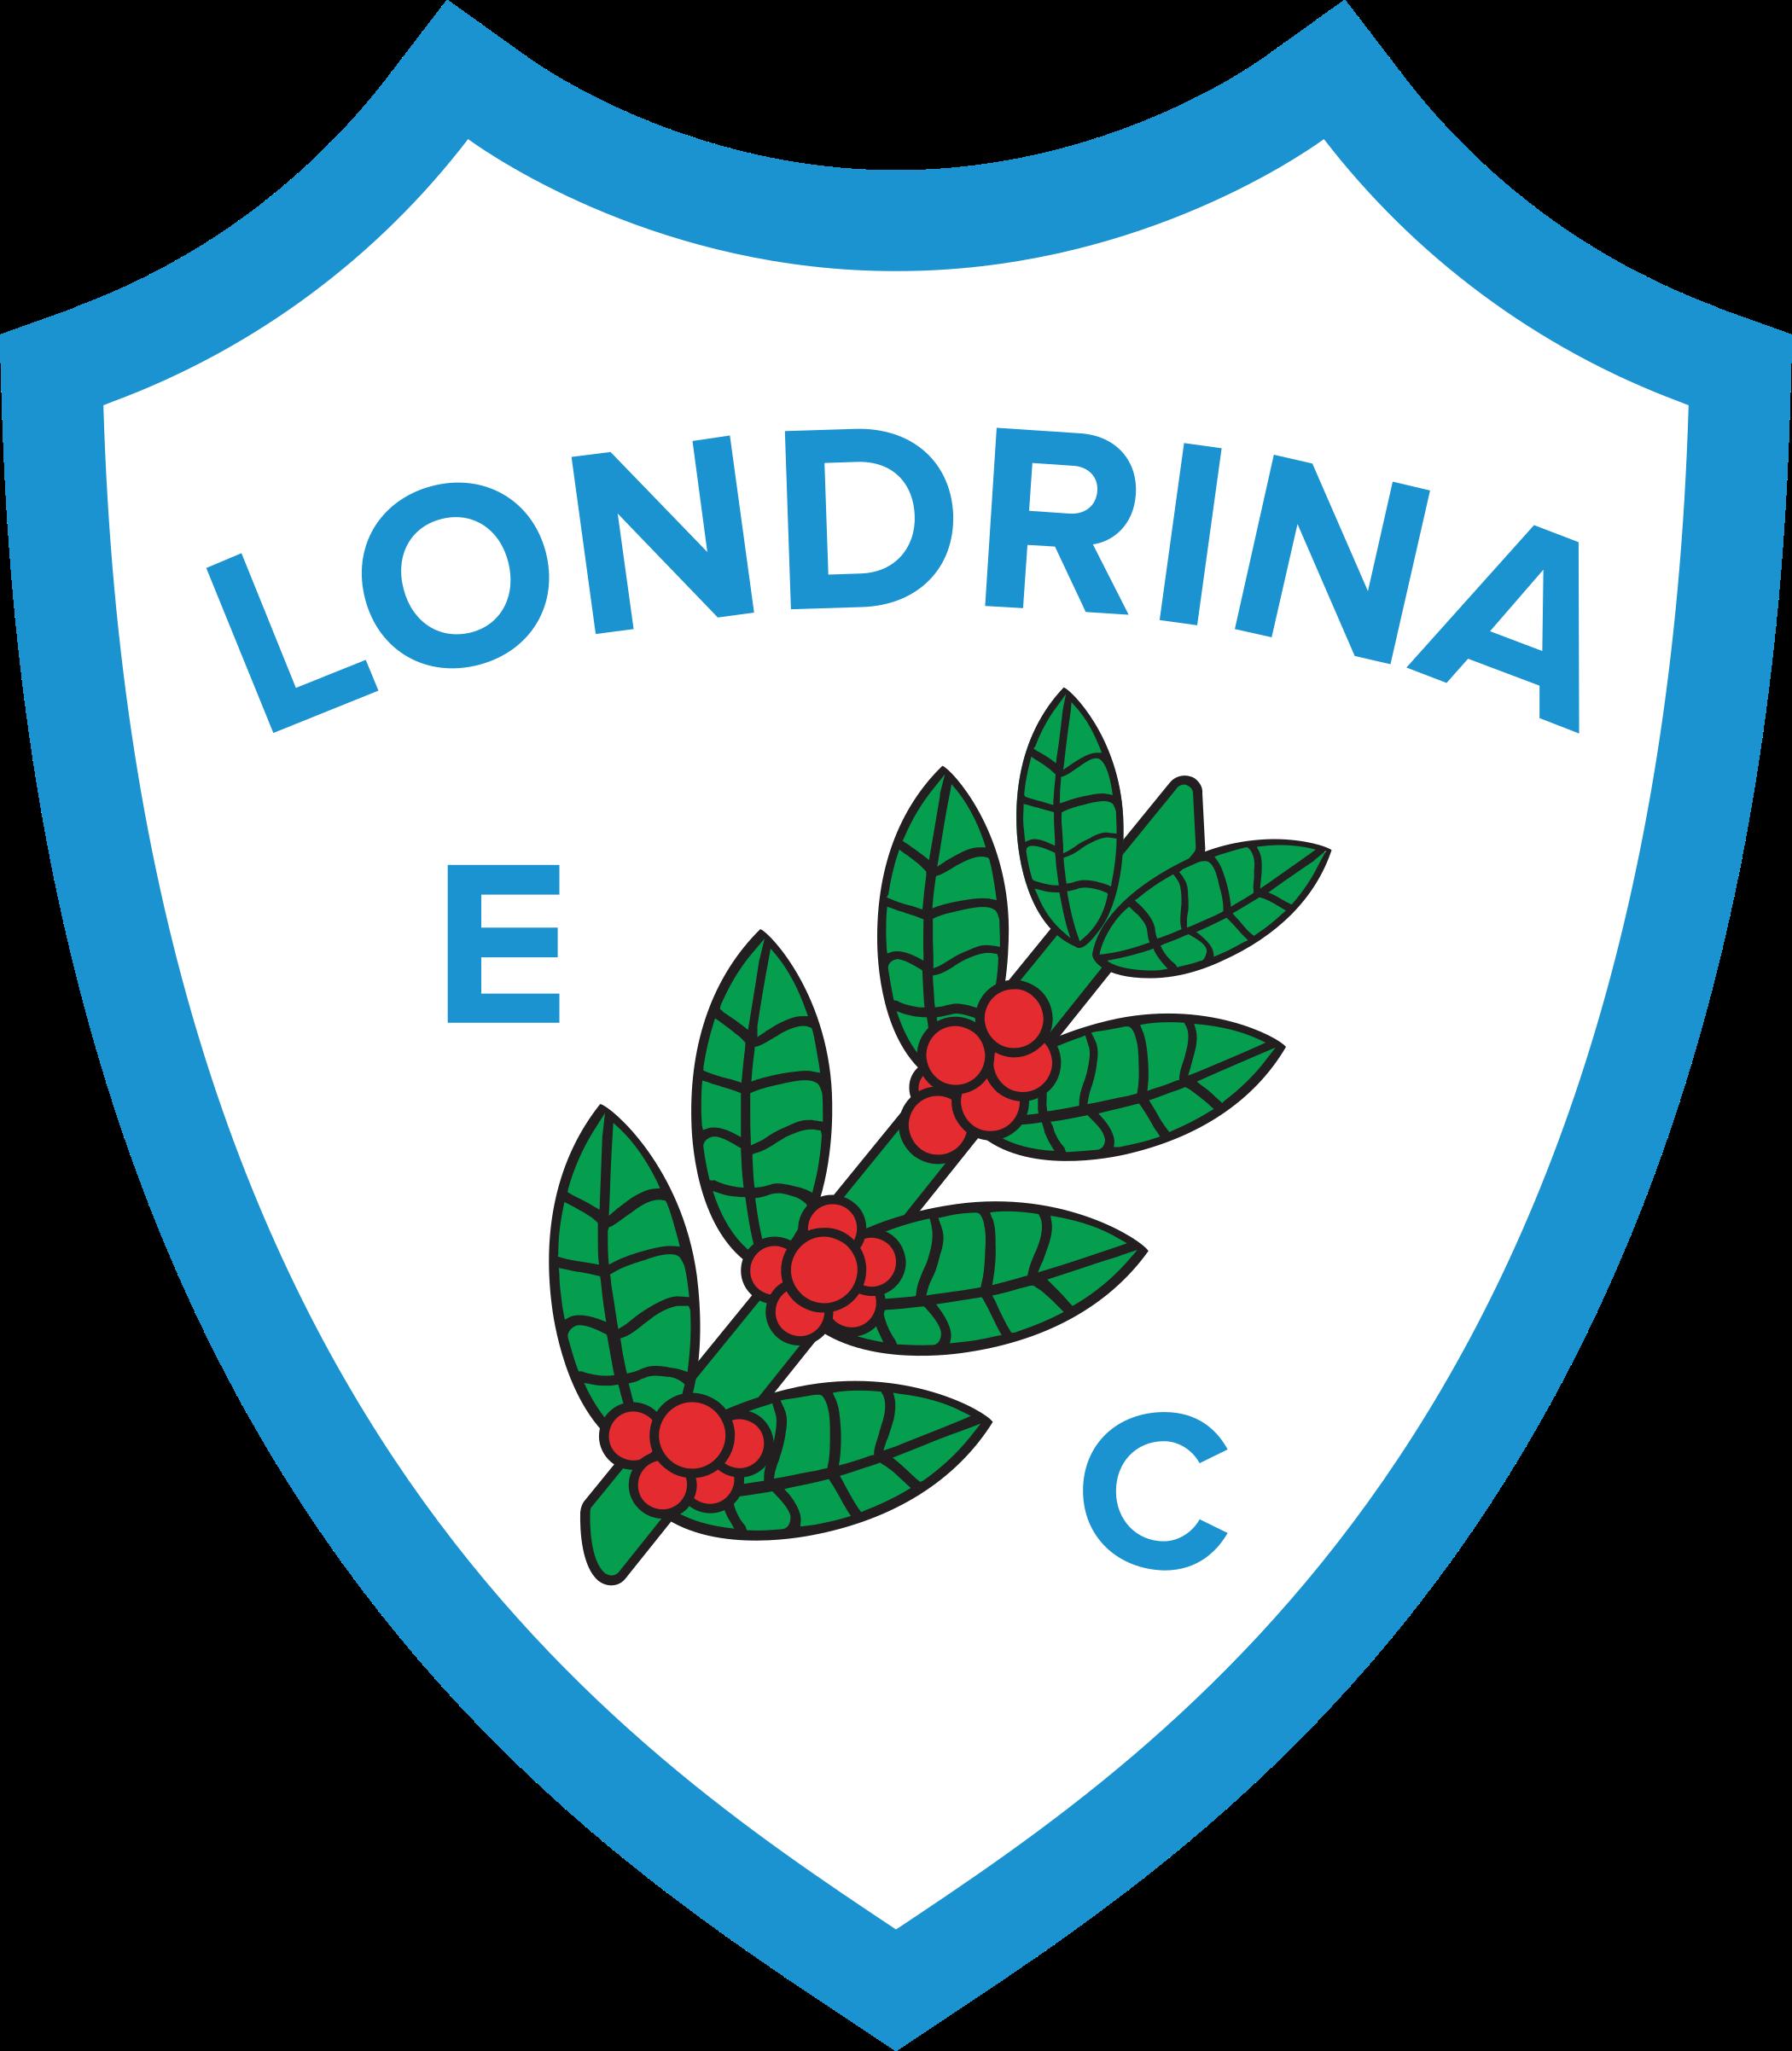 londrina ec logo escudo 3 - Londrina Logo - Escudo - Londrina Esporte Clube Logo - Escudo